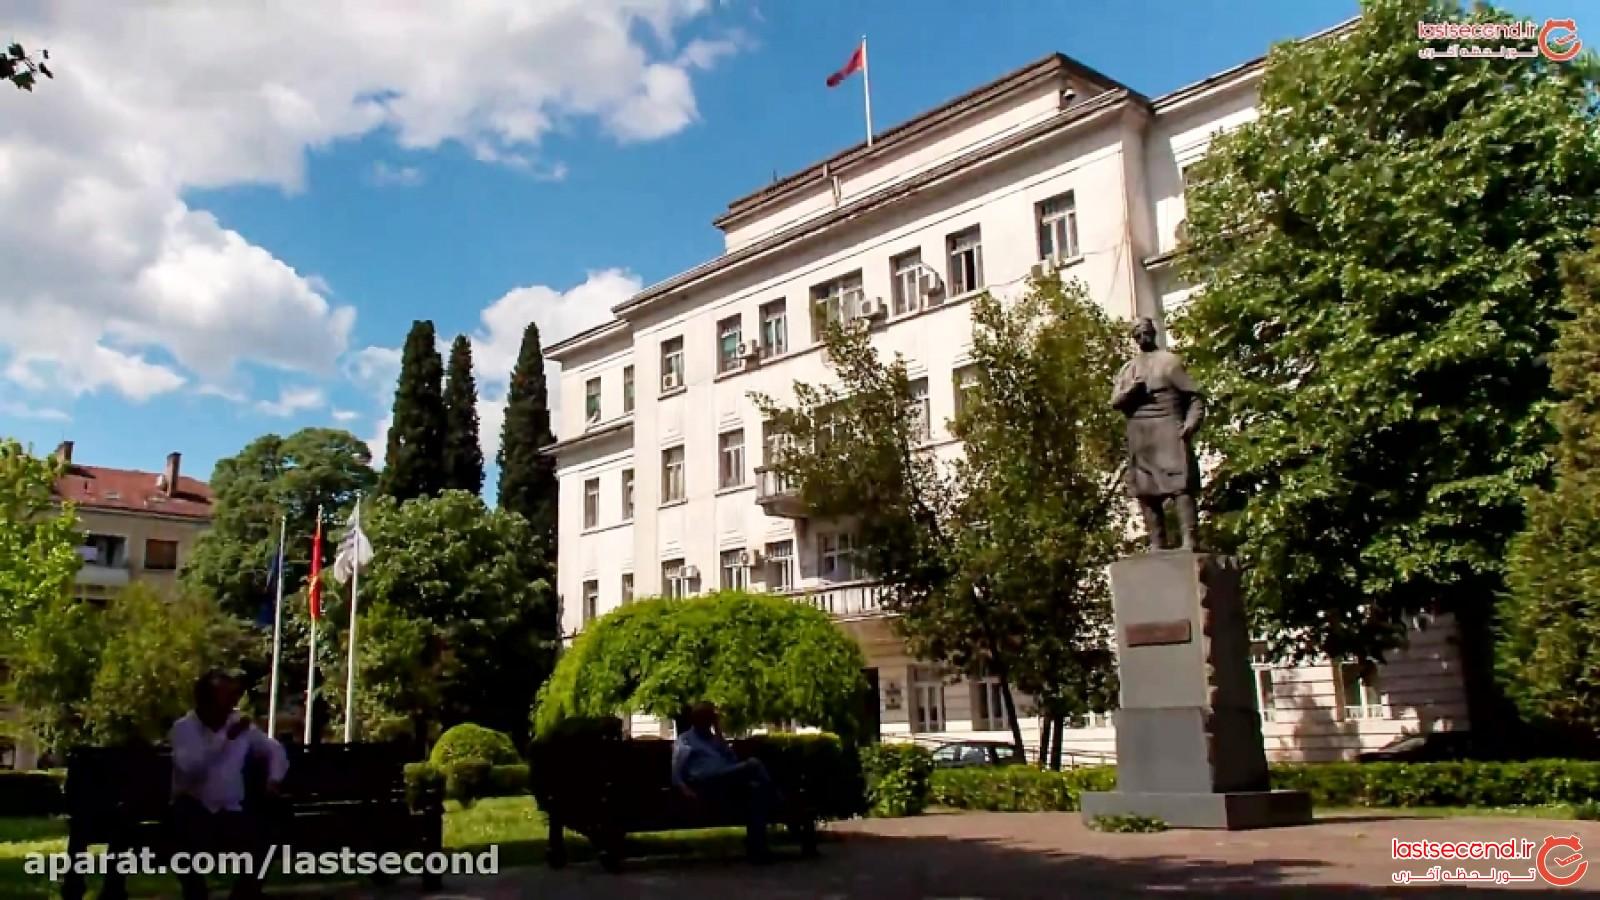 پودگوریتسا، پایتخت آرام مونته نگرو